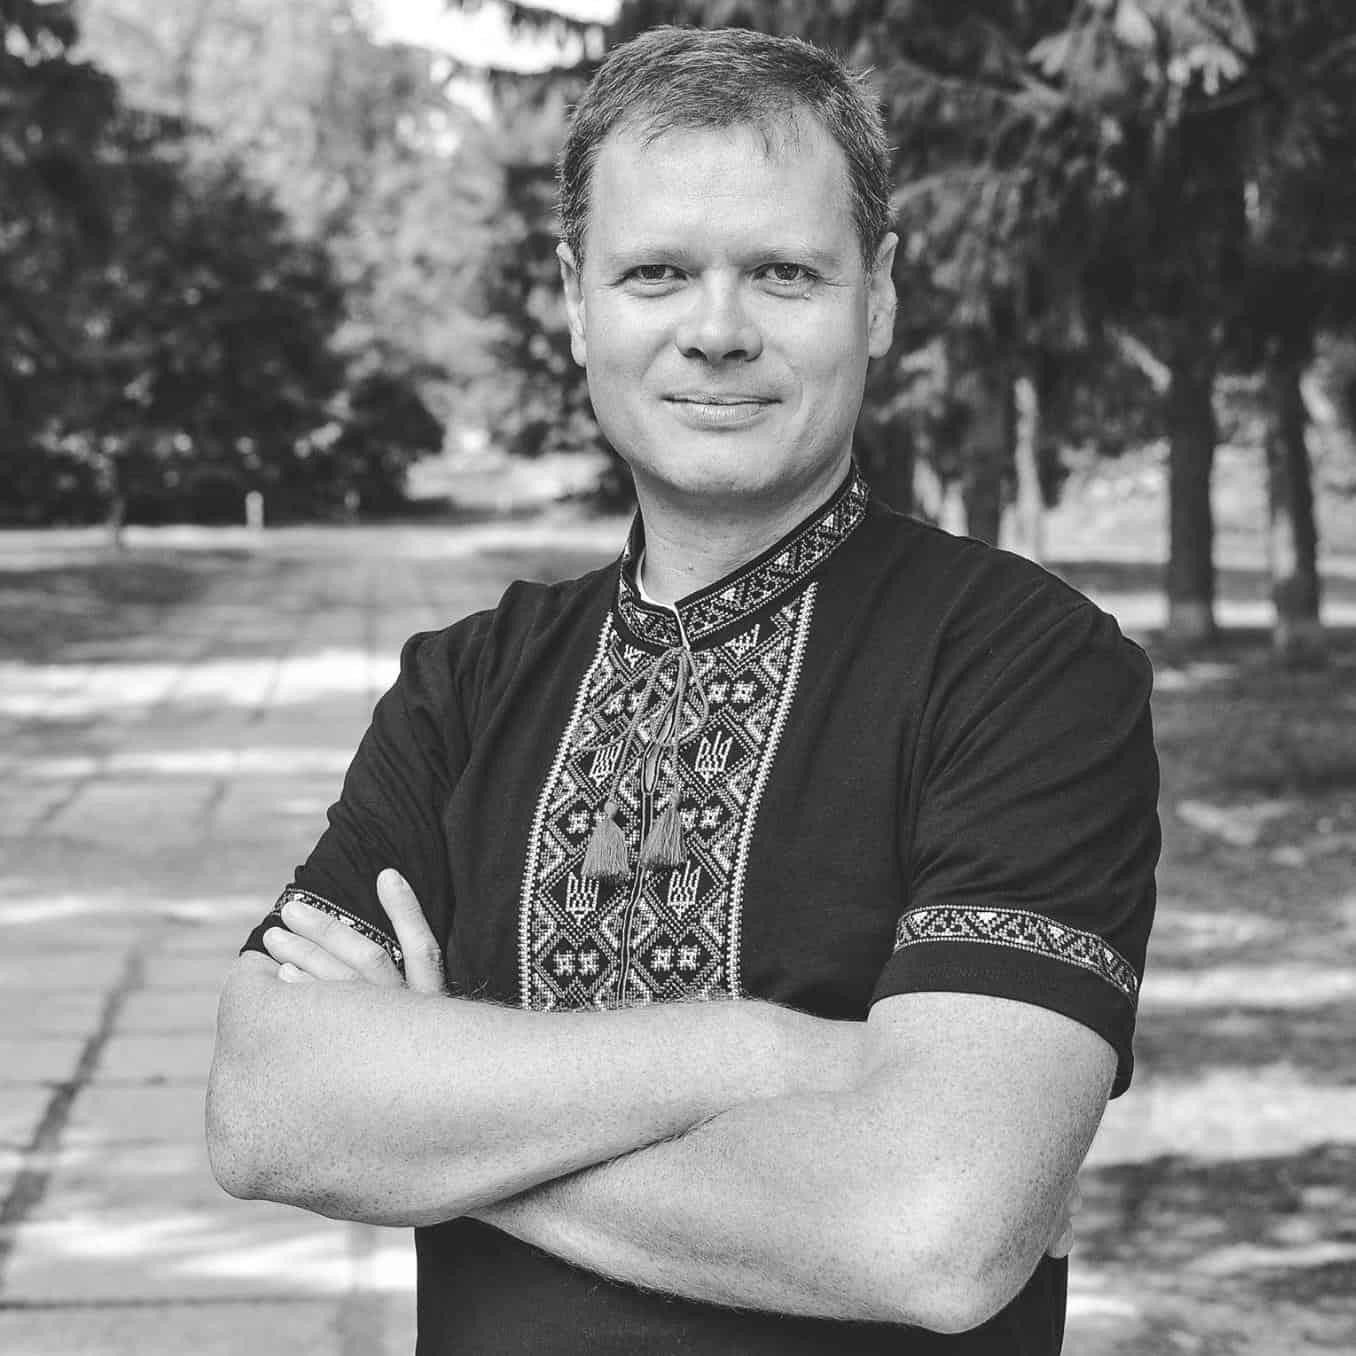 Oleksandr Romanko